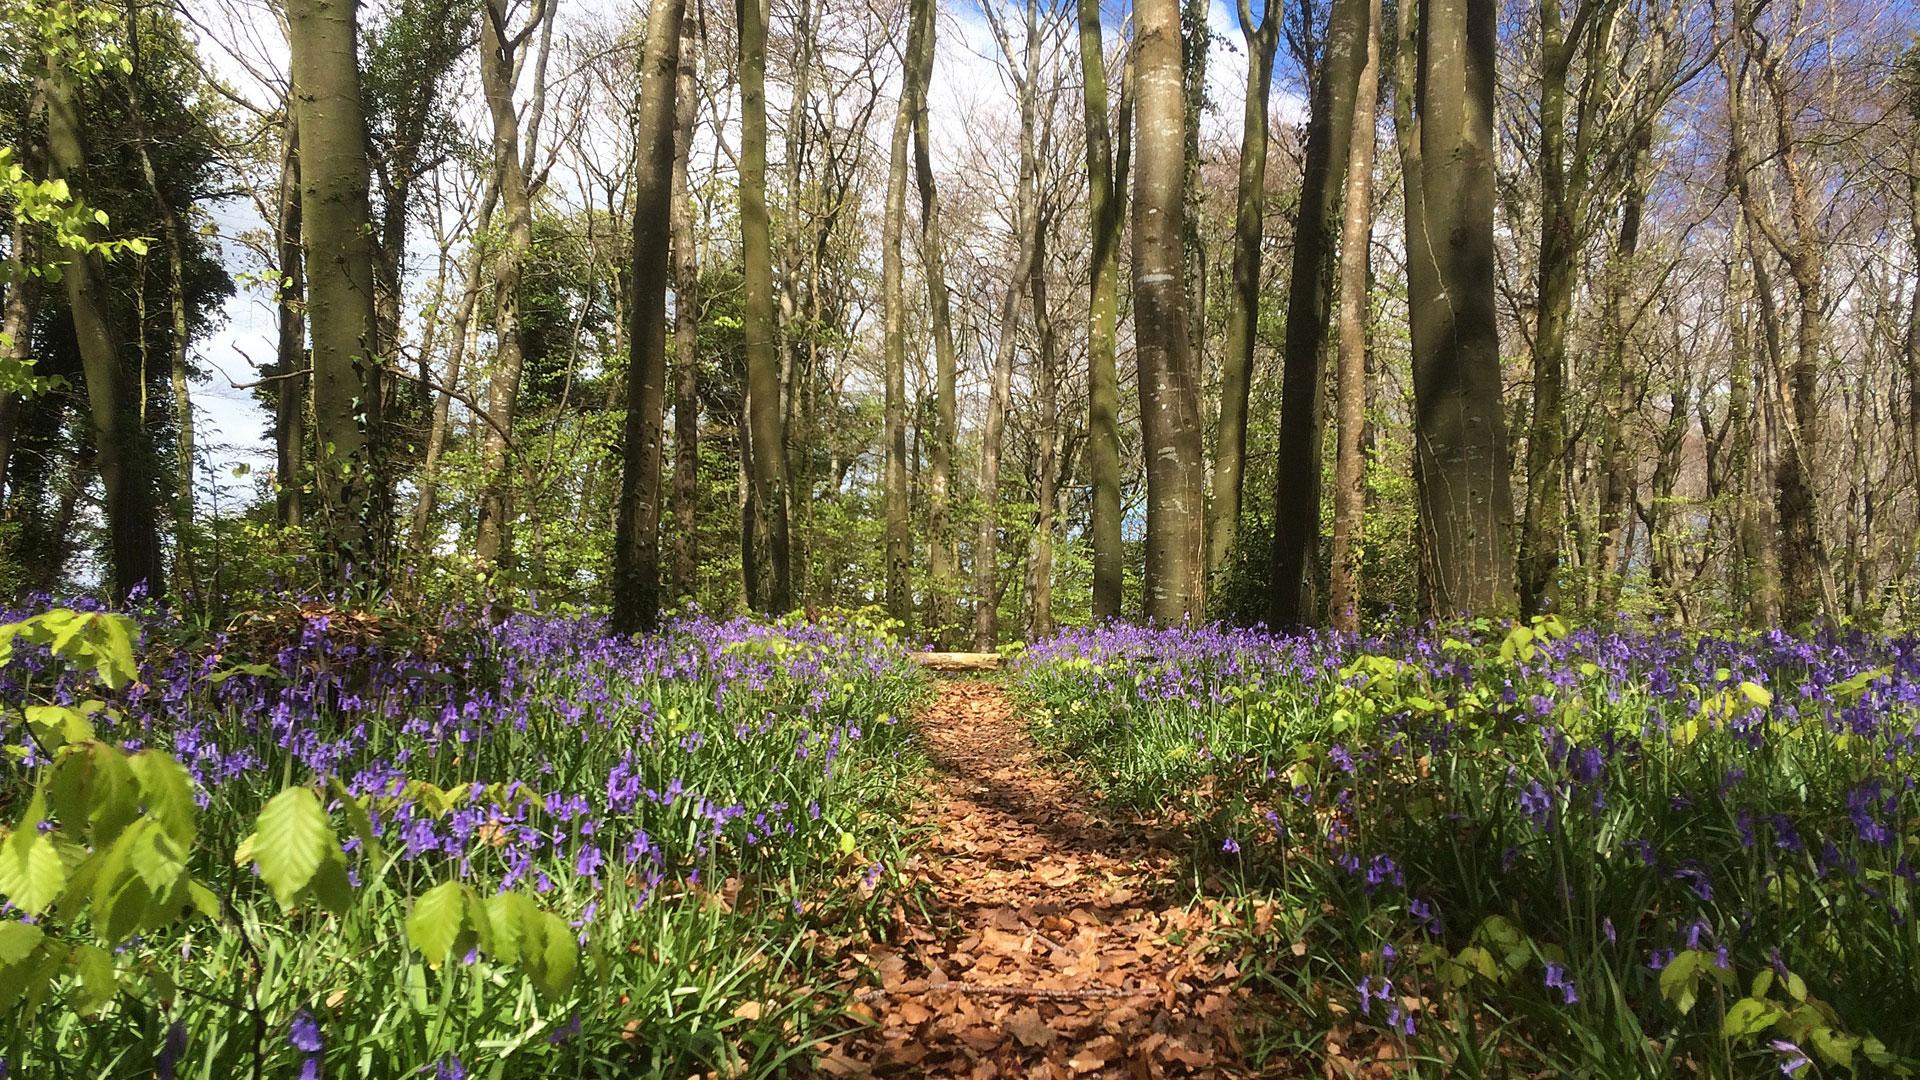 Capponellan Wood, Durrow – April 26th 2017.